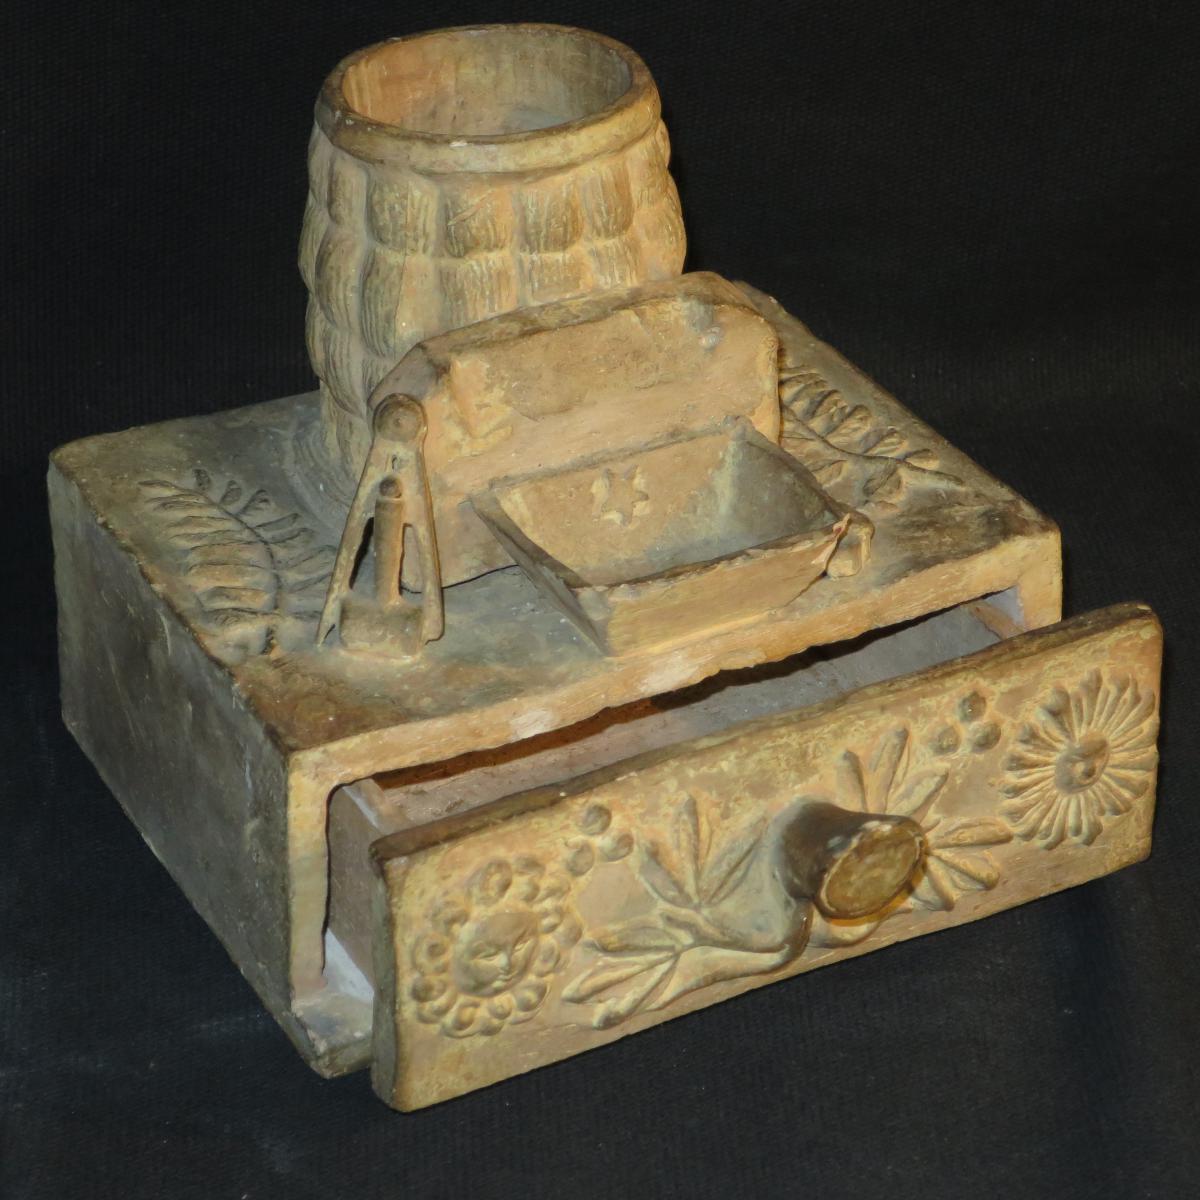 Travail Franc Maçon Boite et receptacle à symboles et attributs en terre cuite